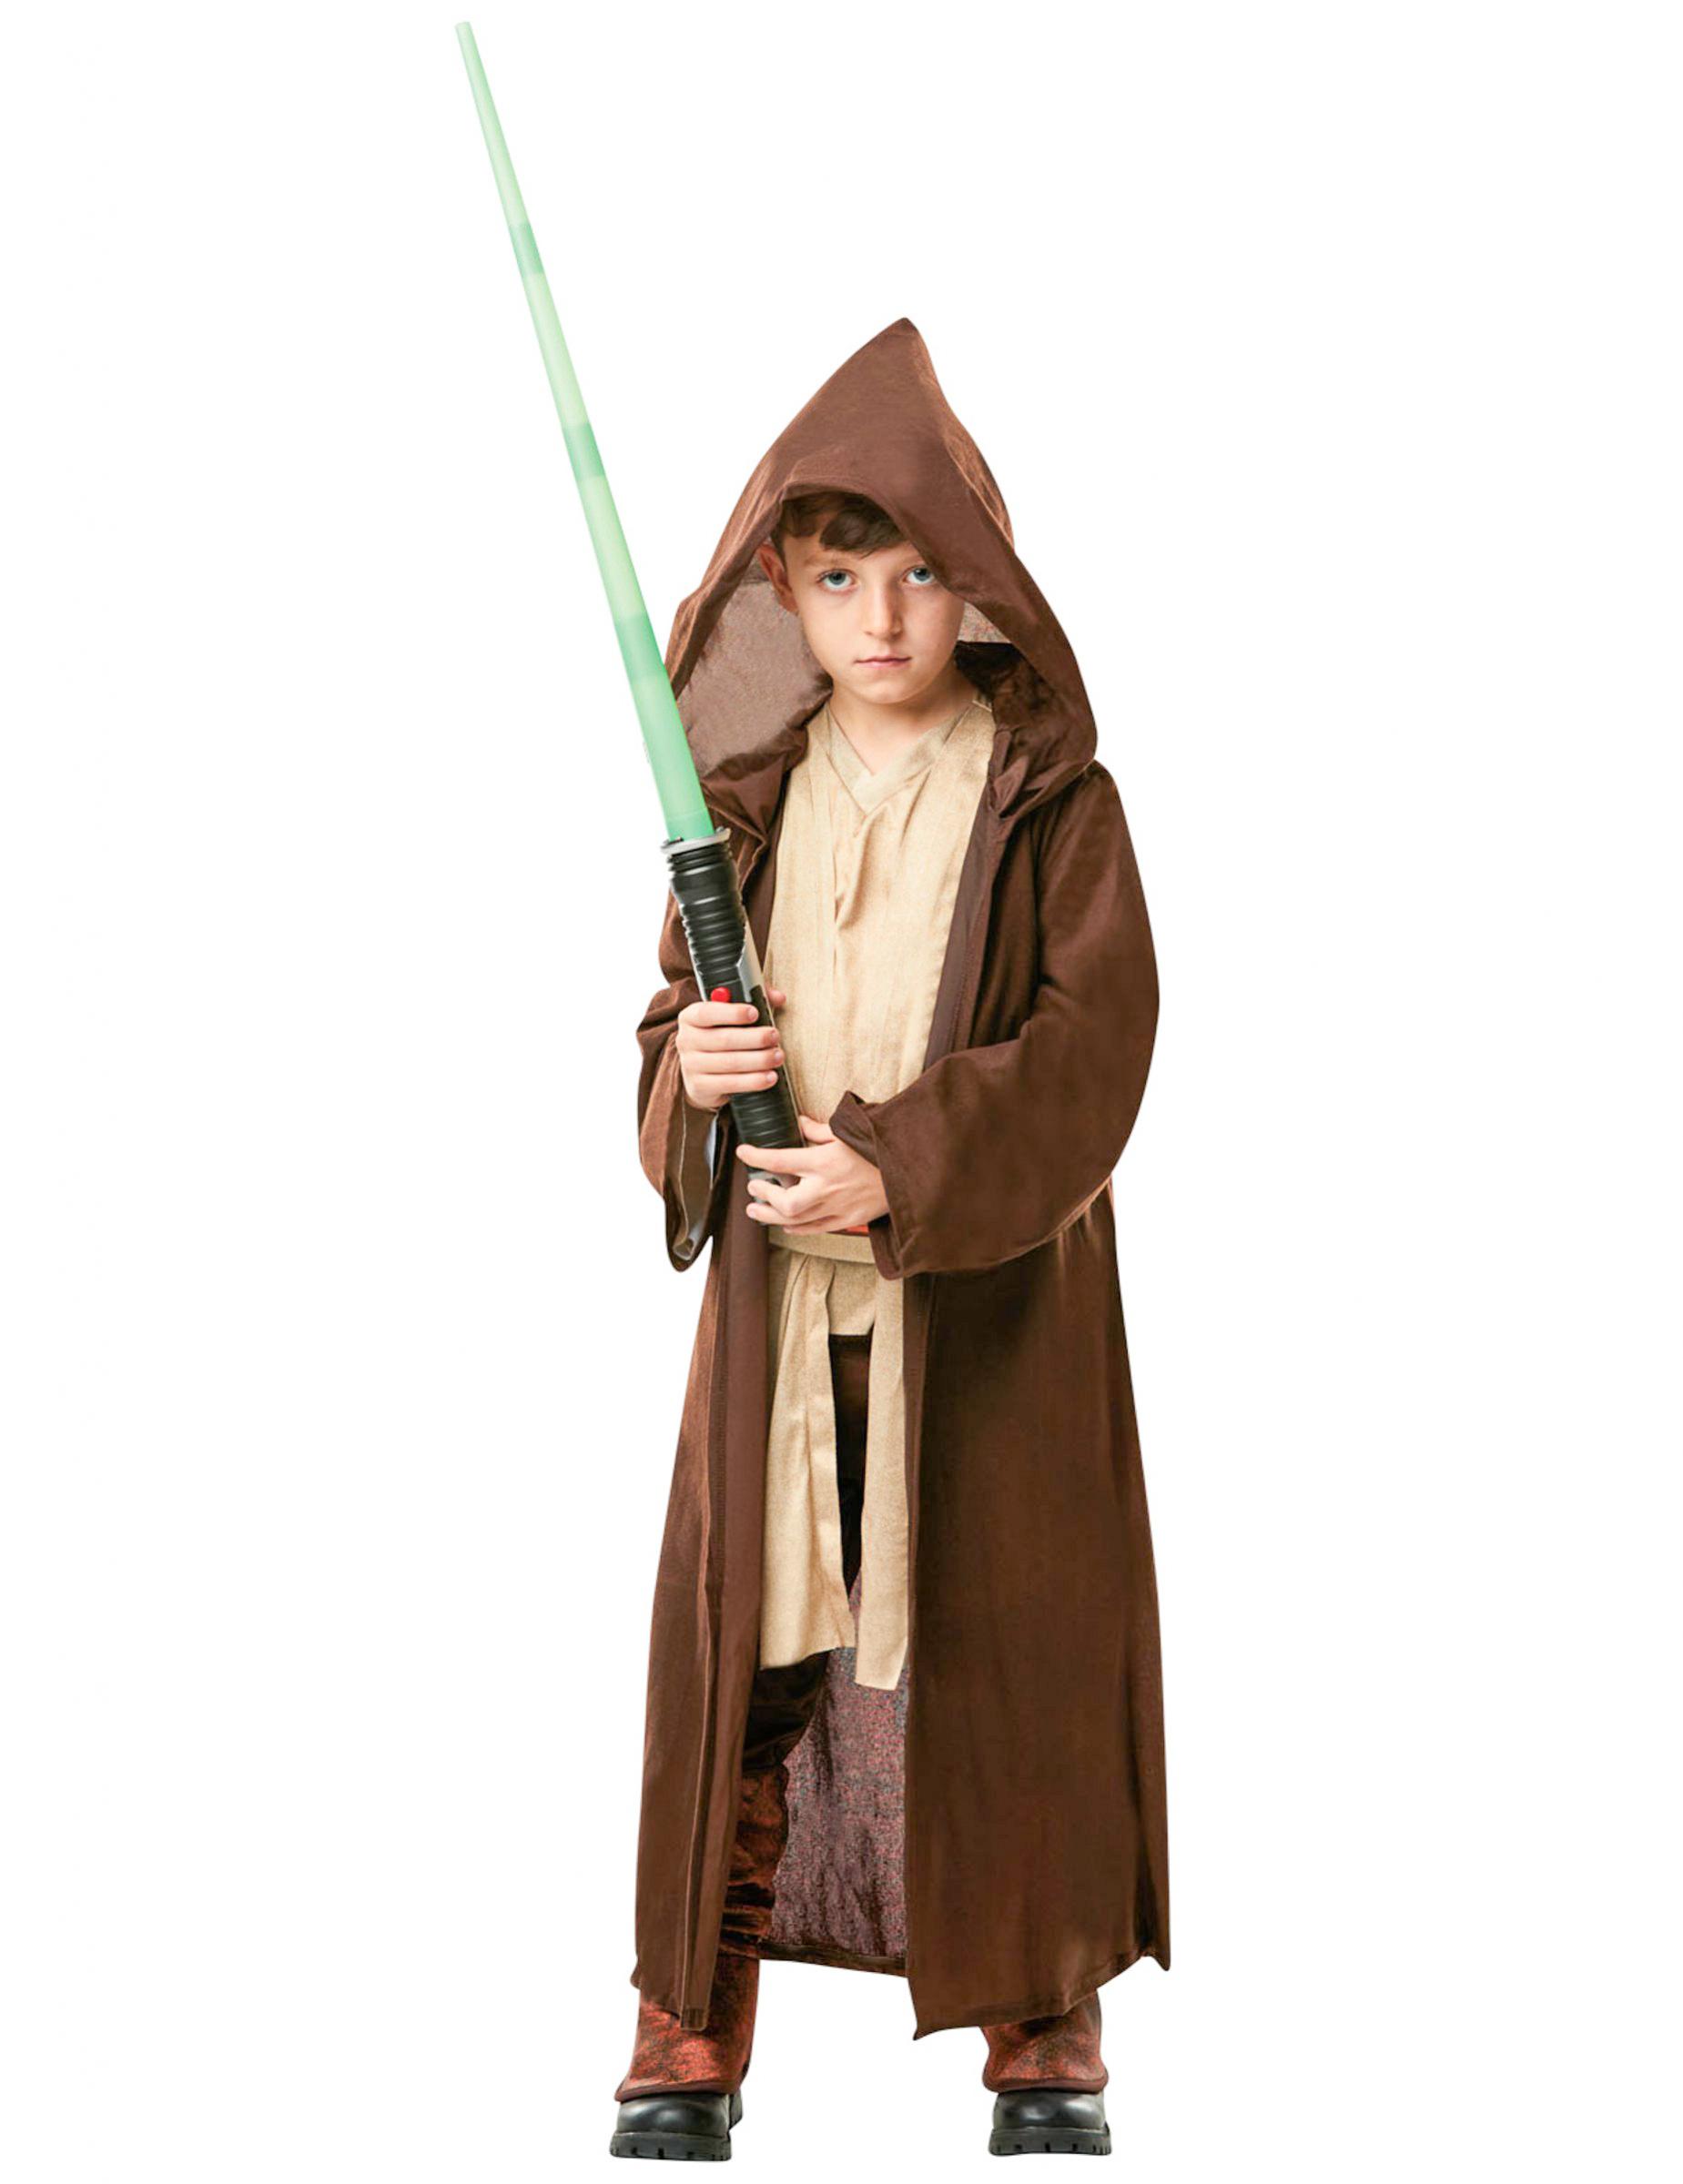 Jedi Kinderkostüm Deluxe Star Wars Lizenartikel Braun Günstige